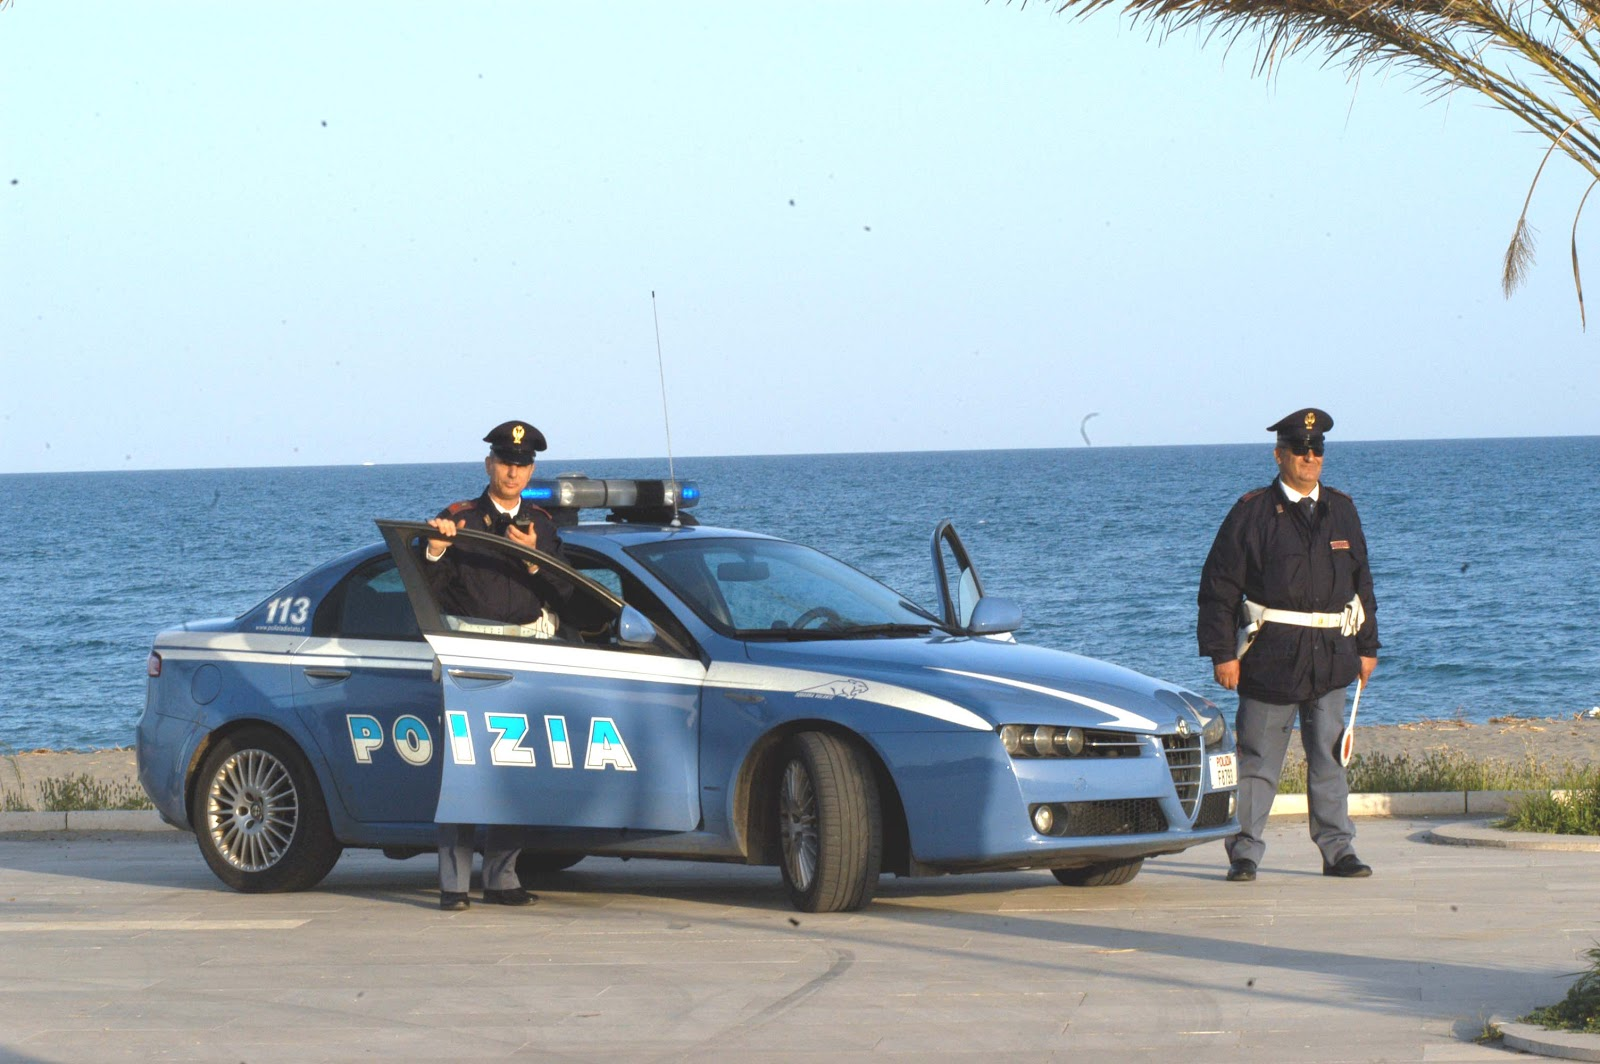 Permesso di soggiorno numero assicurata for Polizia di stato carta di soggiorno